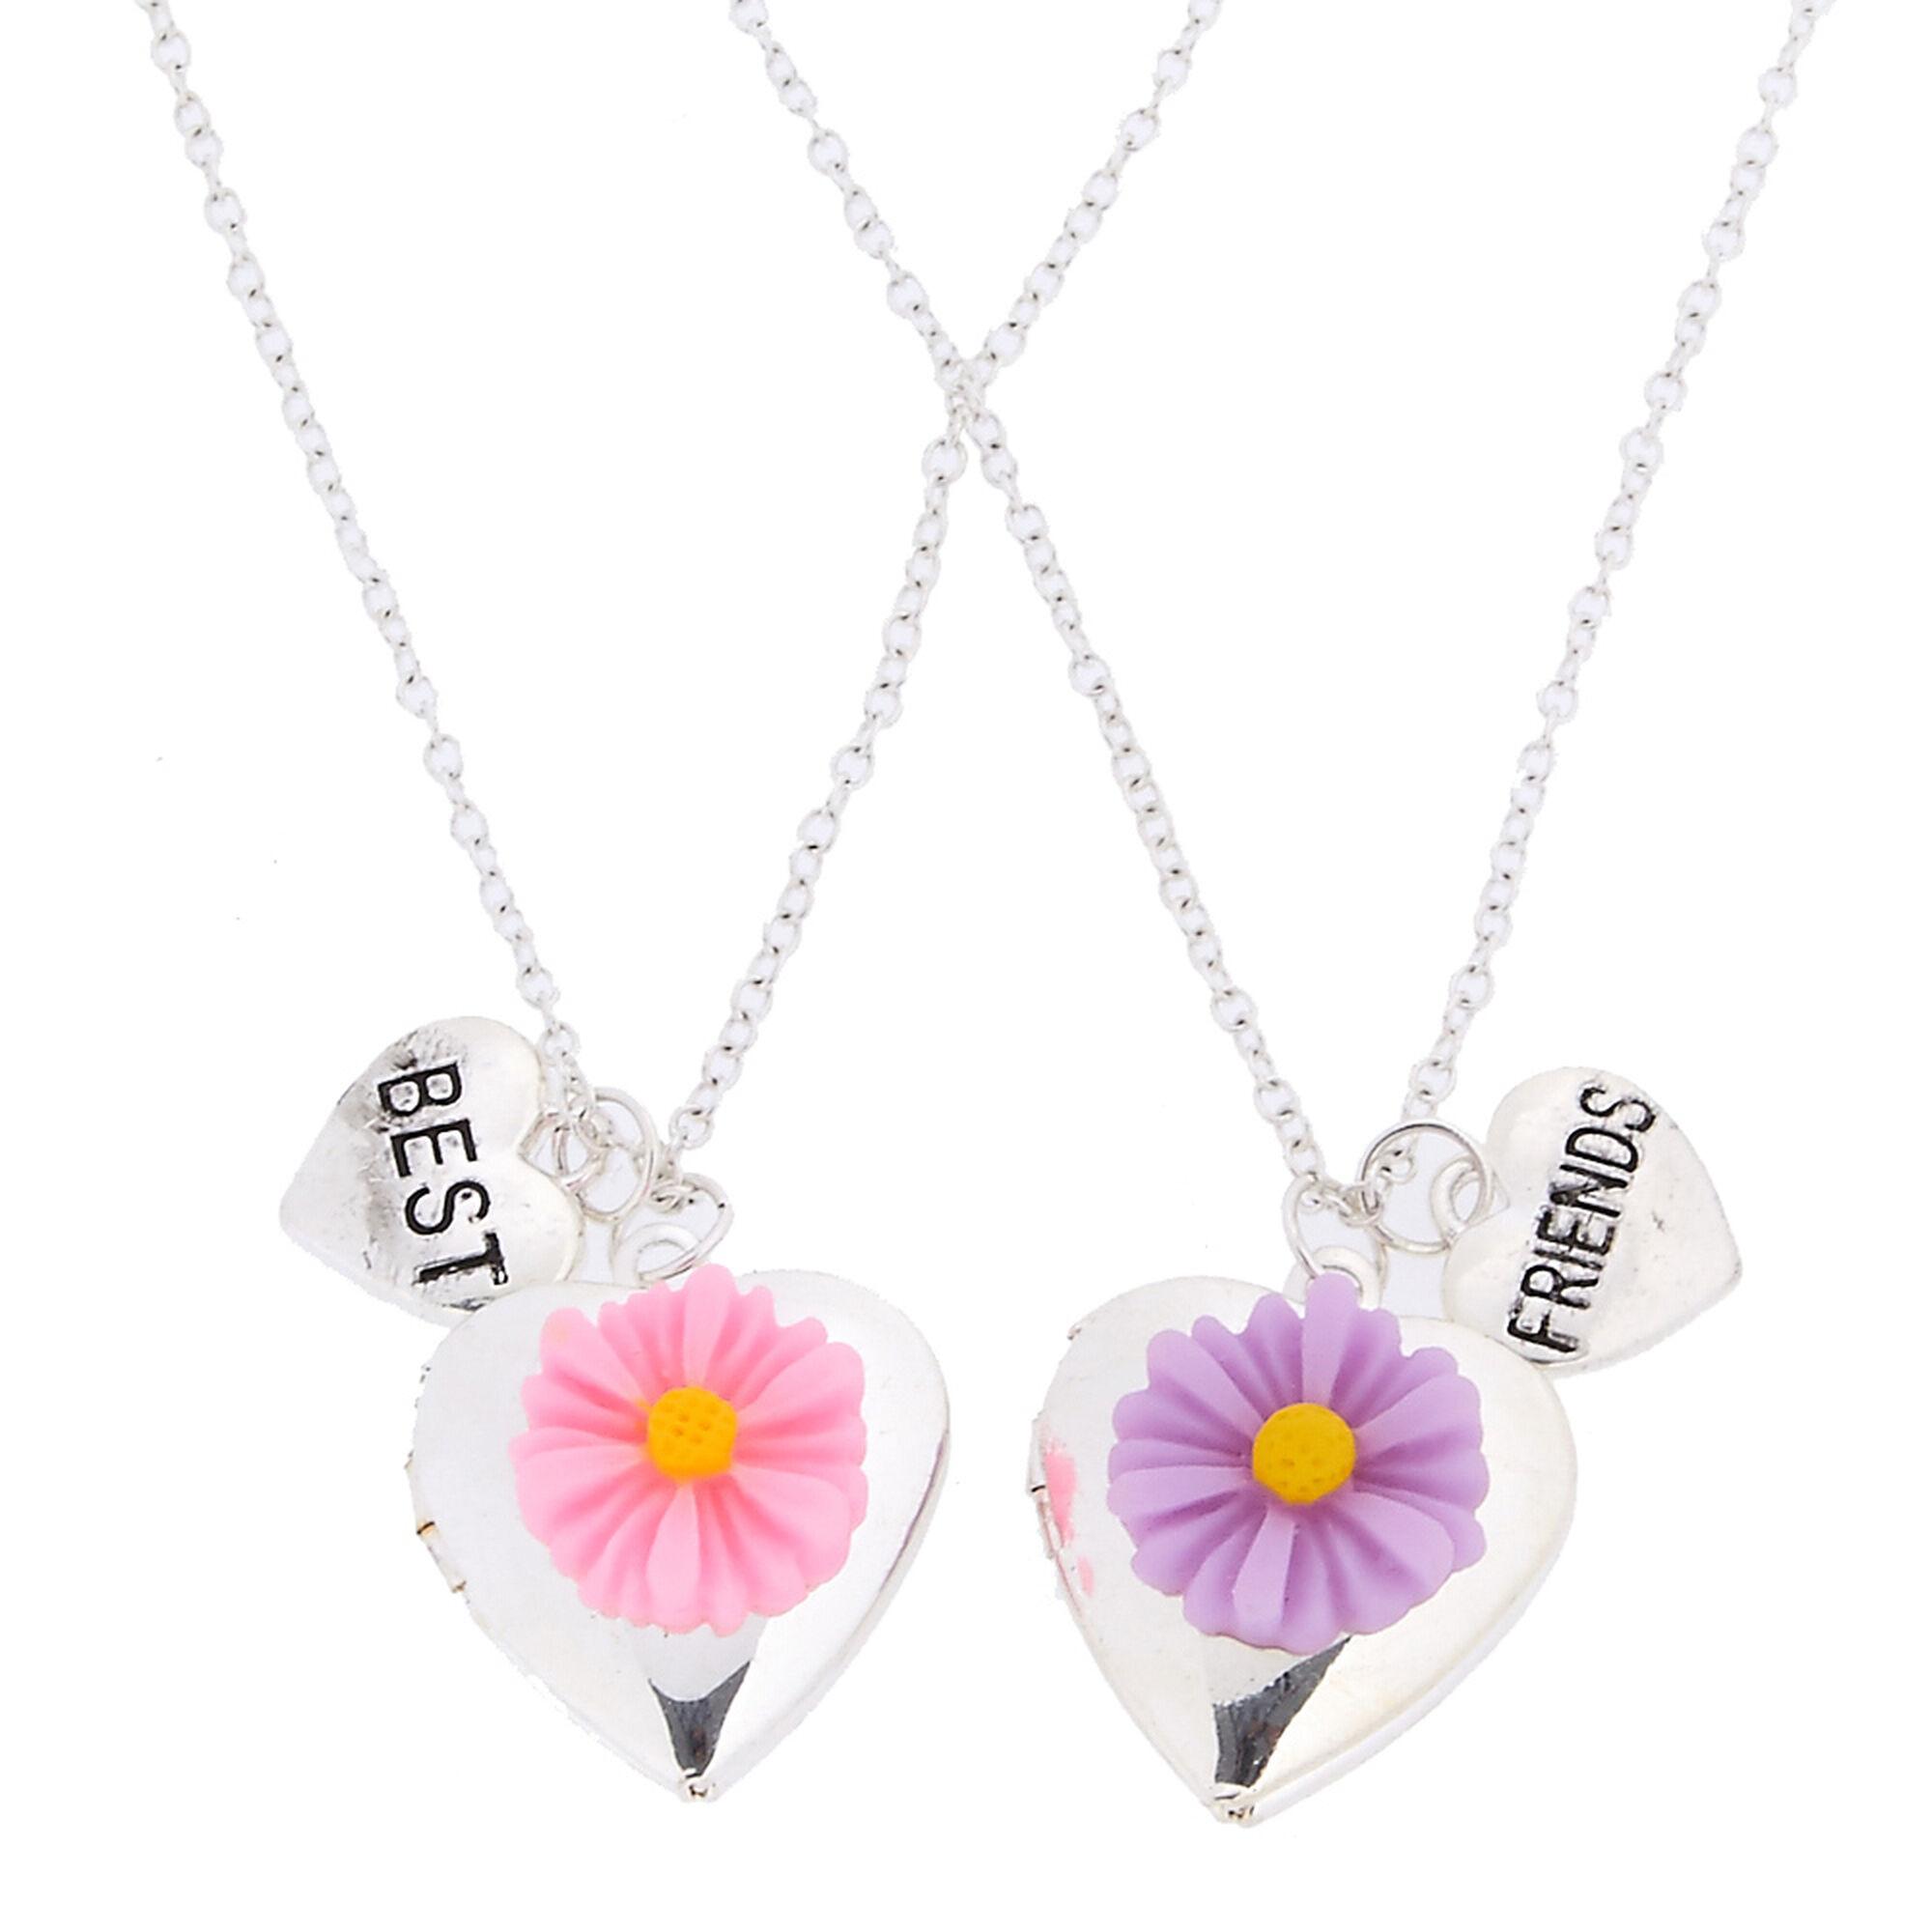 Kids best friends silver heart locket pendants with carved daisies kids best friends silver heart locket pendants with carved daisies necklaces aloadofball Image collections